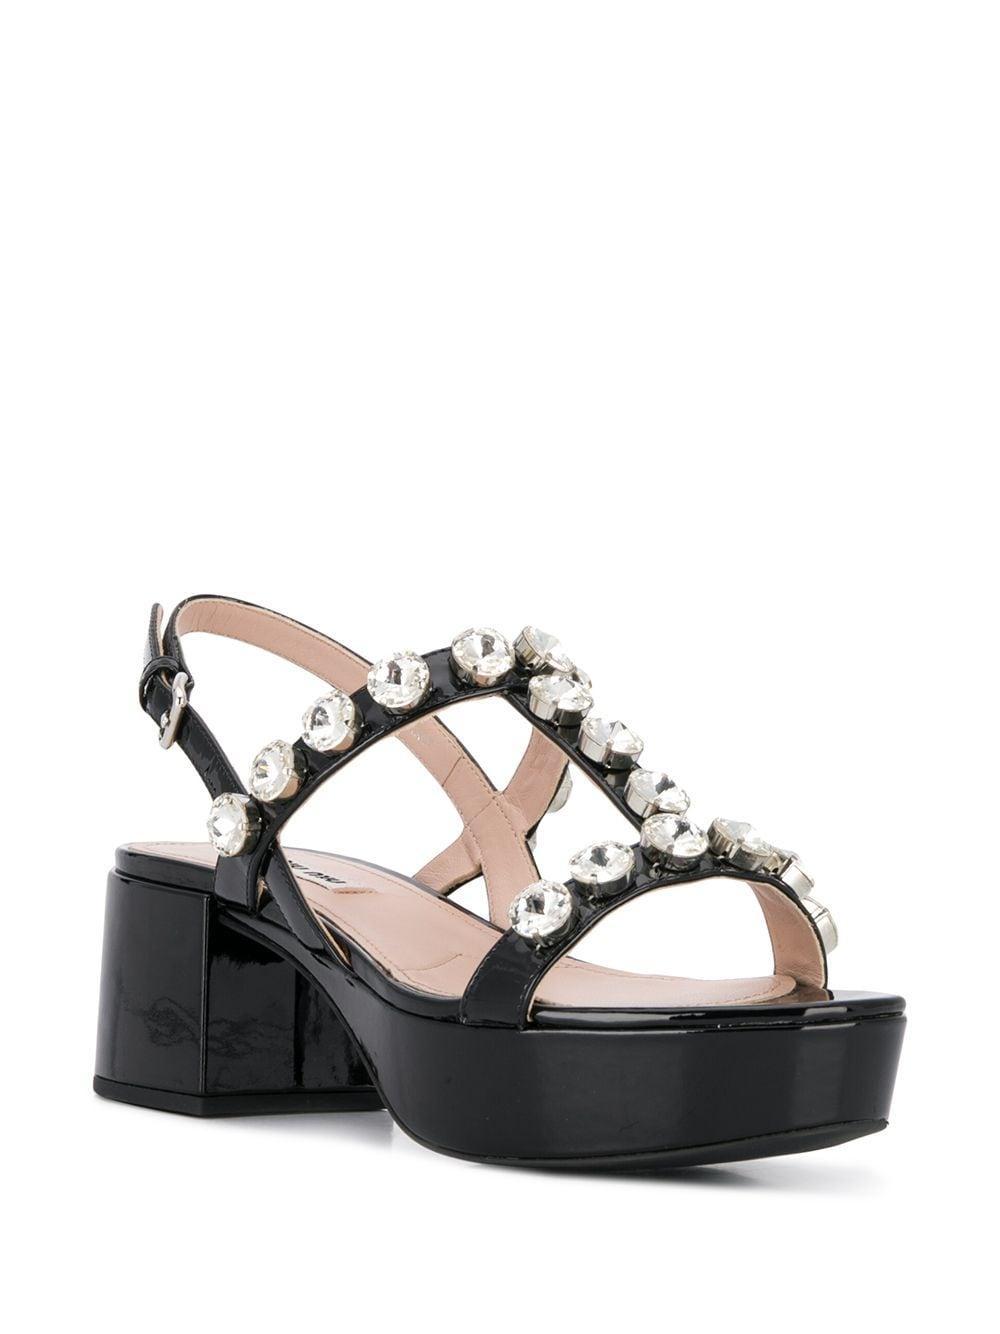 Sandalias de plataforma con apliques de cristal Miu Miu de Cuero de color Negro